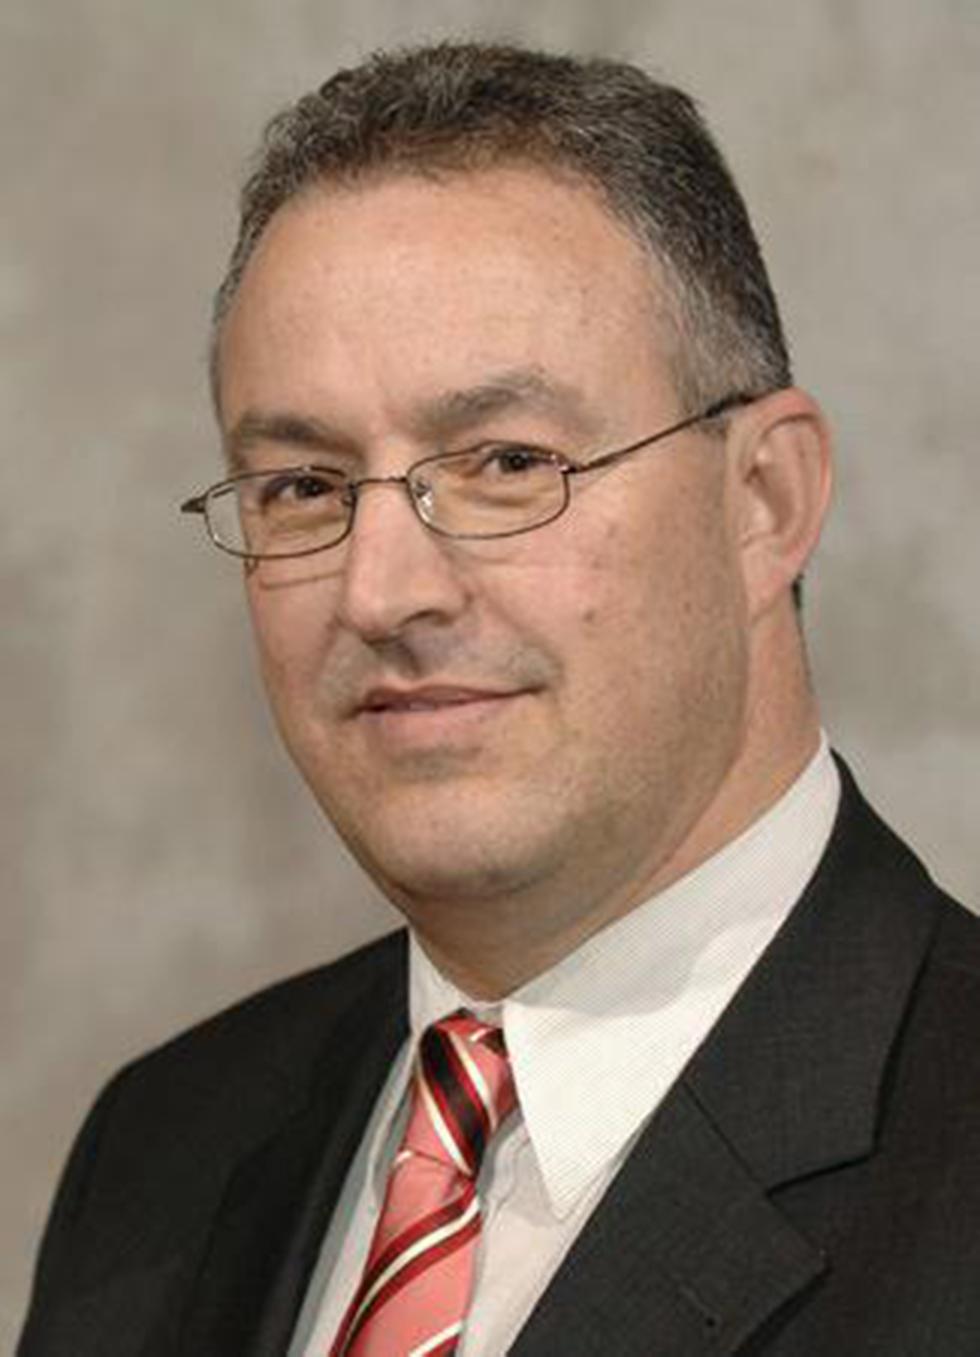 ראש העיר המוסלמי אבו טאלב. מתנגד לקיצונים ()